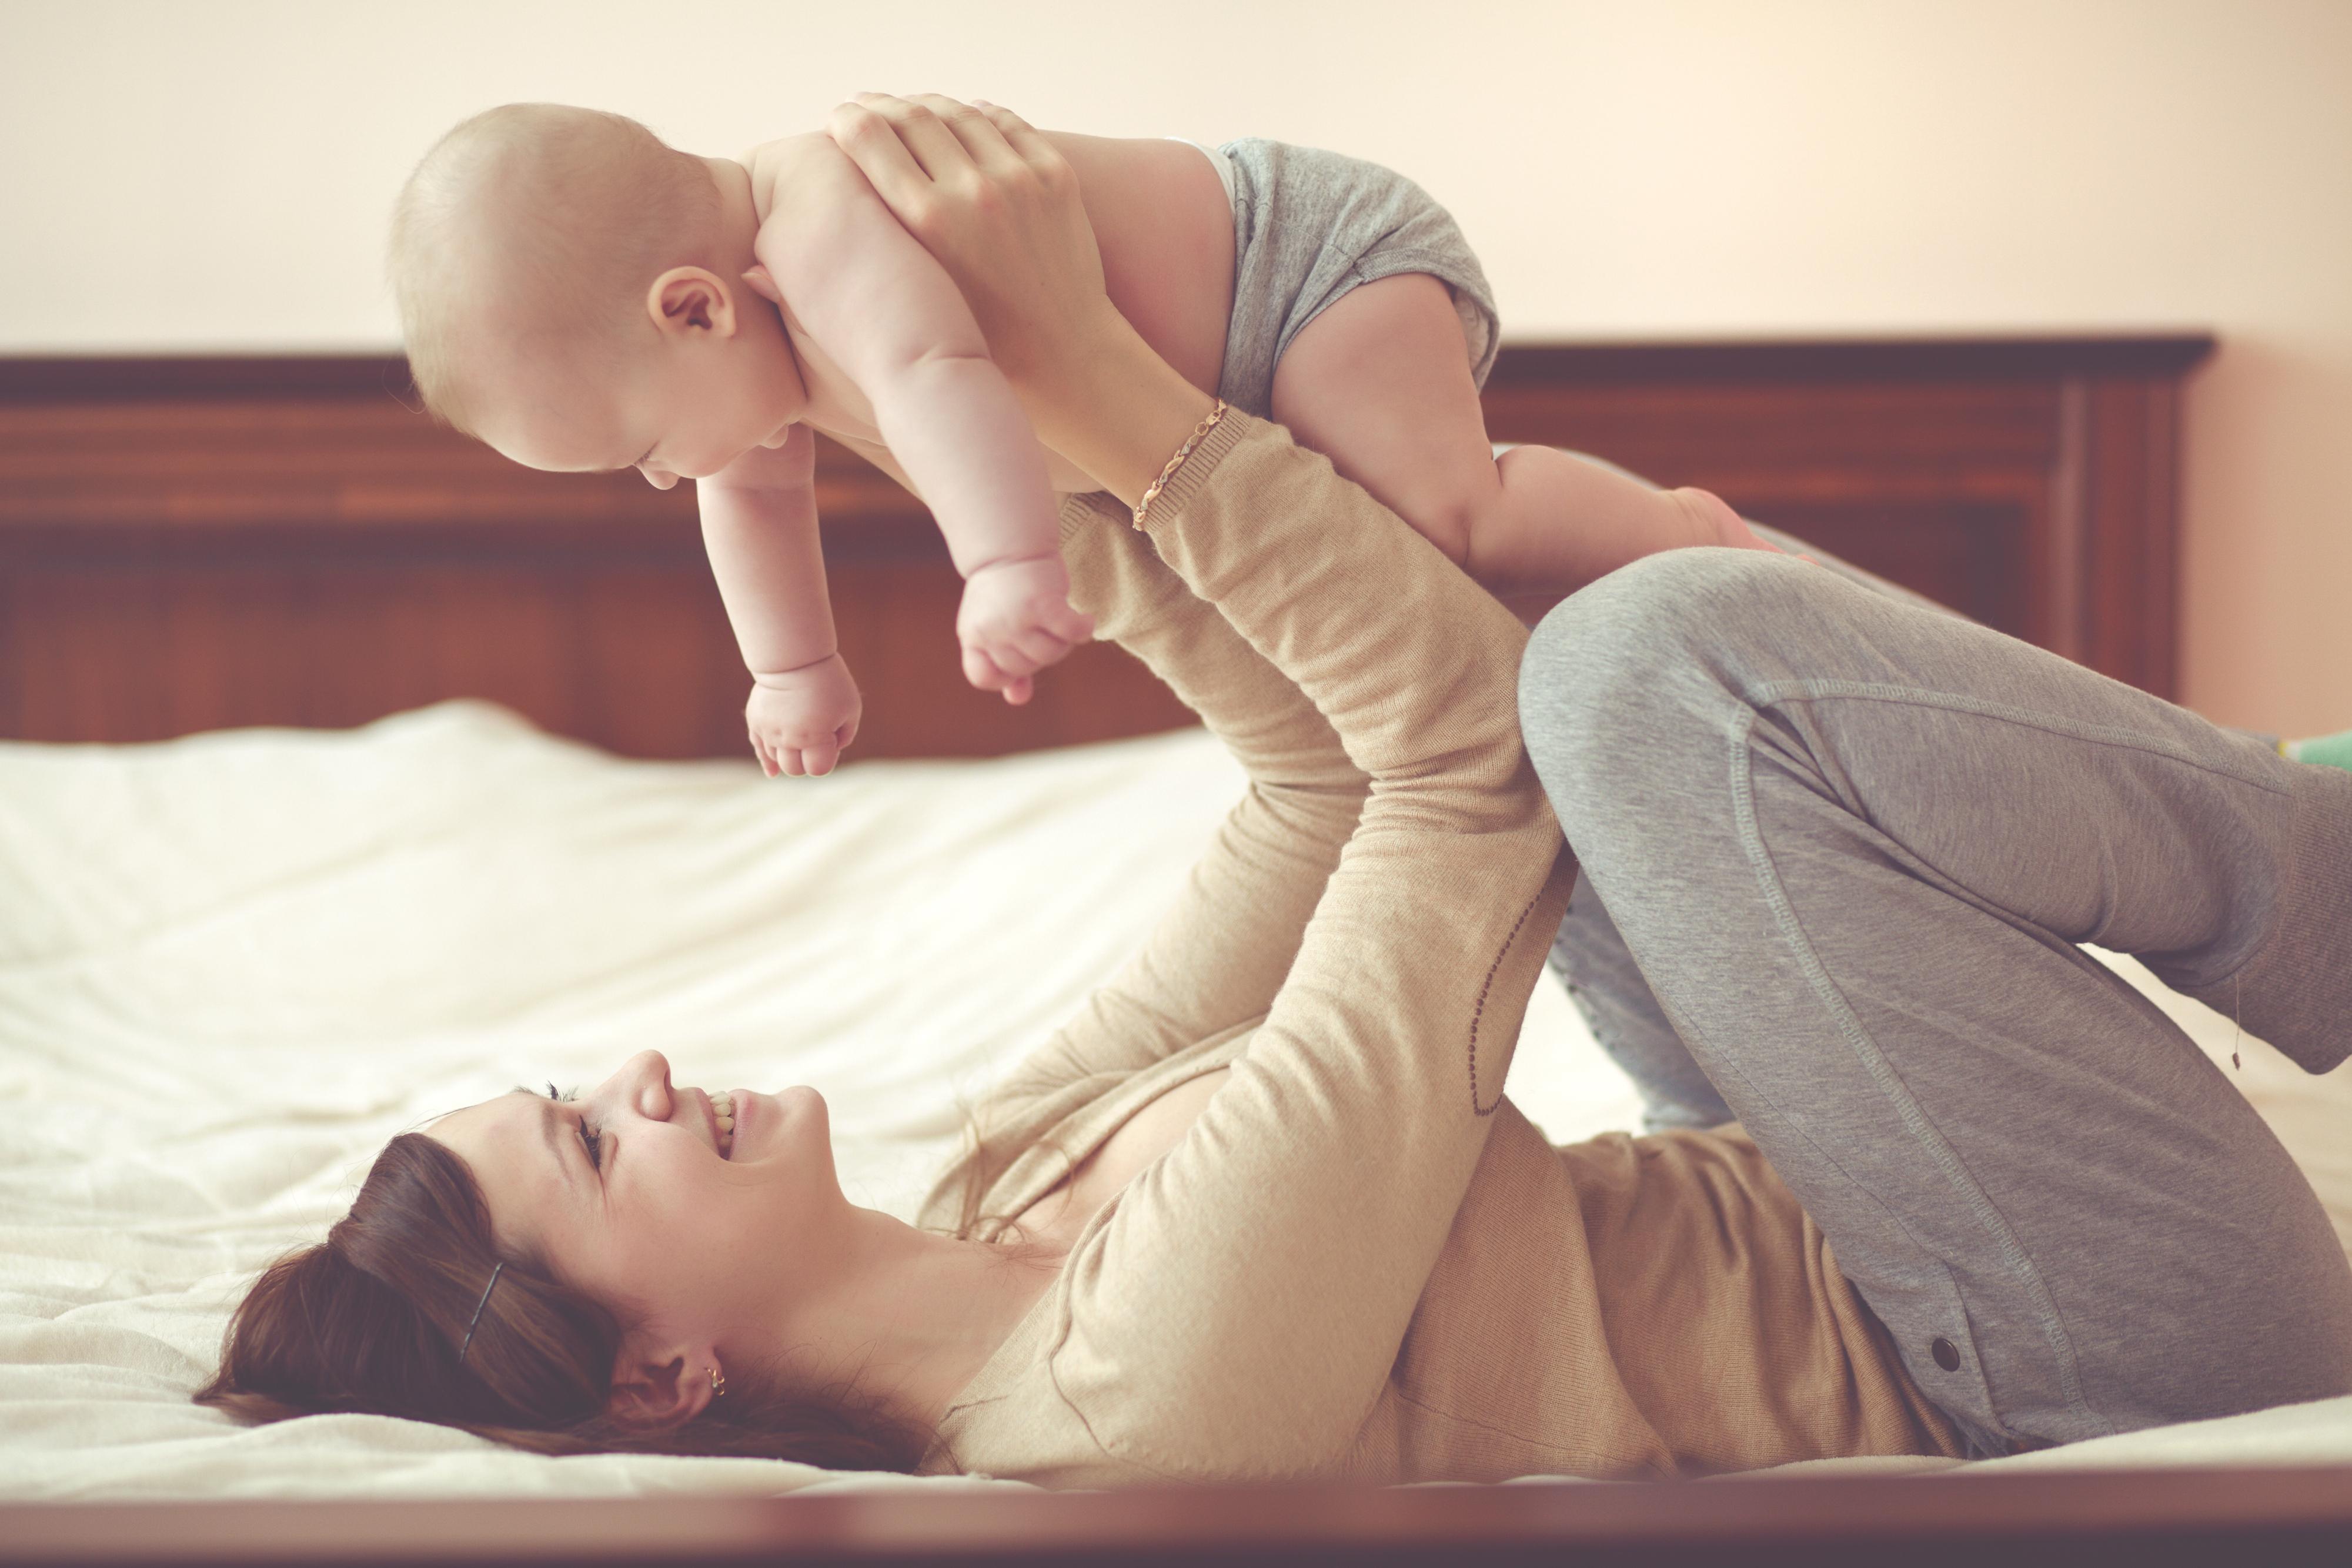 コットン素材の服を着ている母親と赤ちゃん